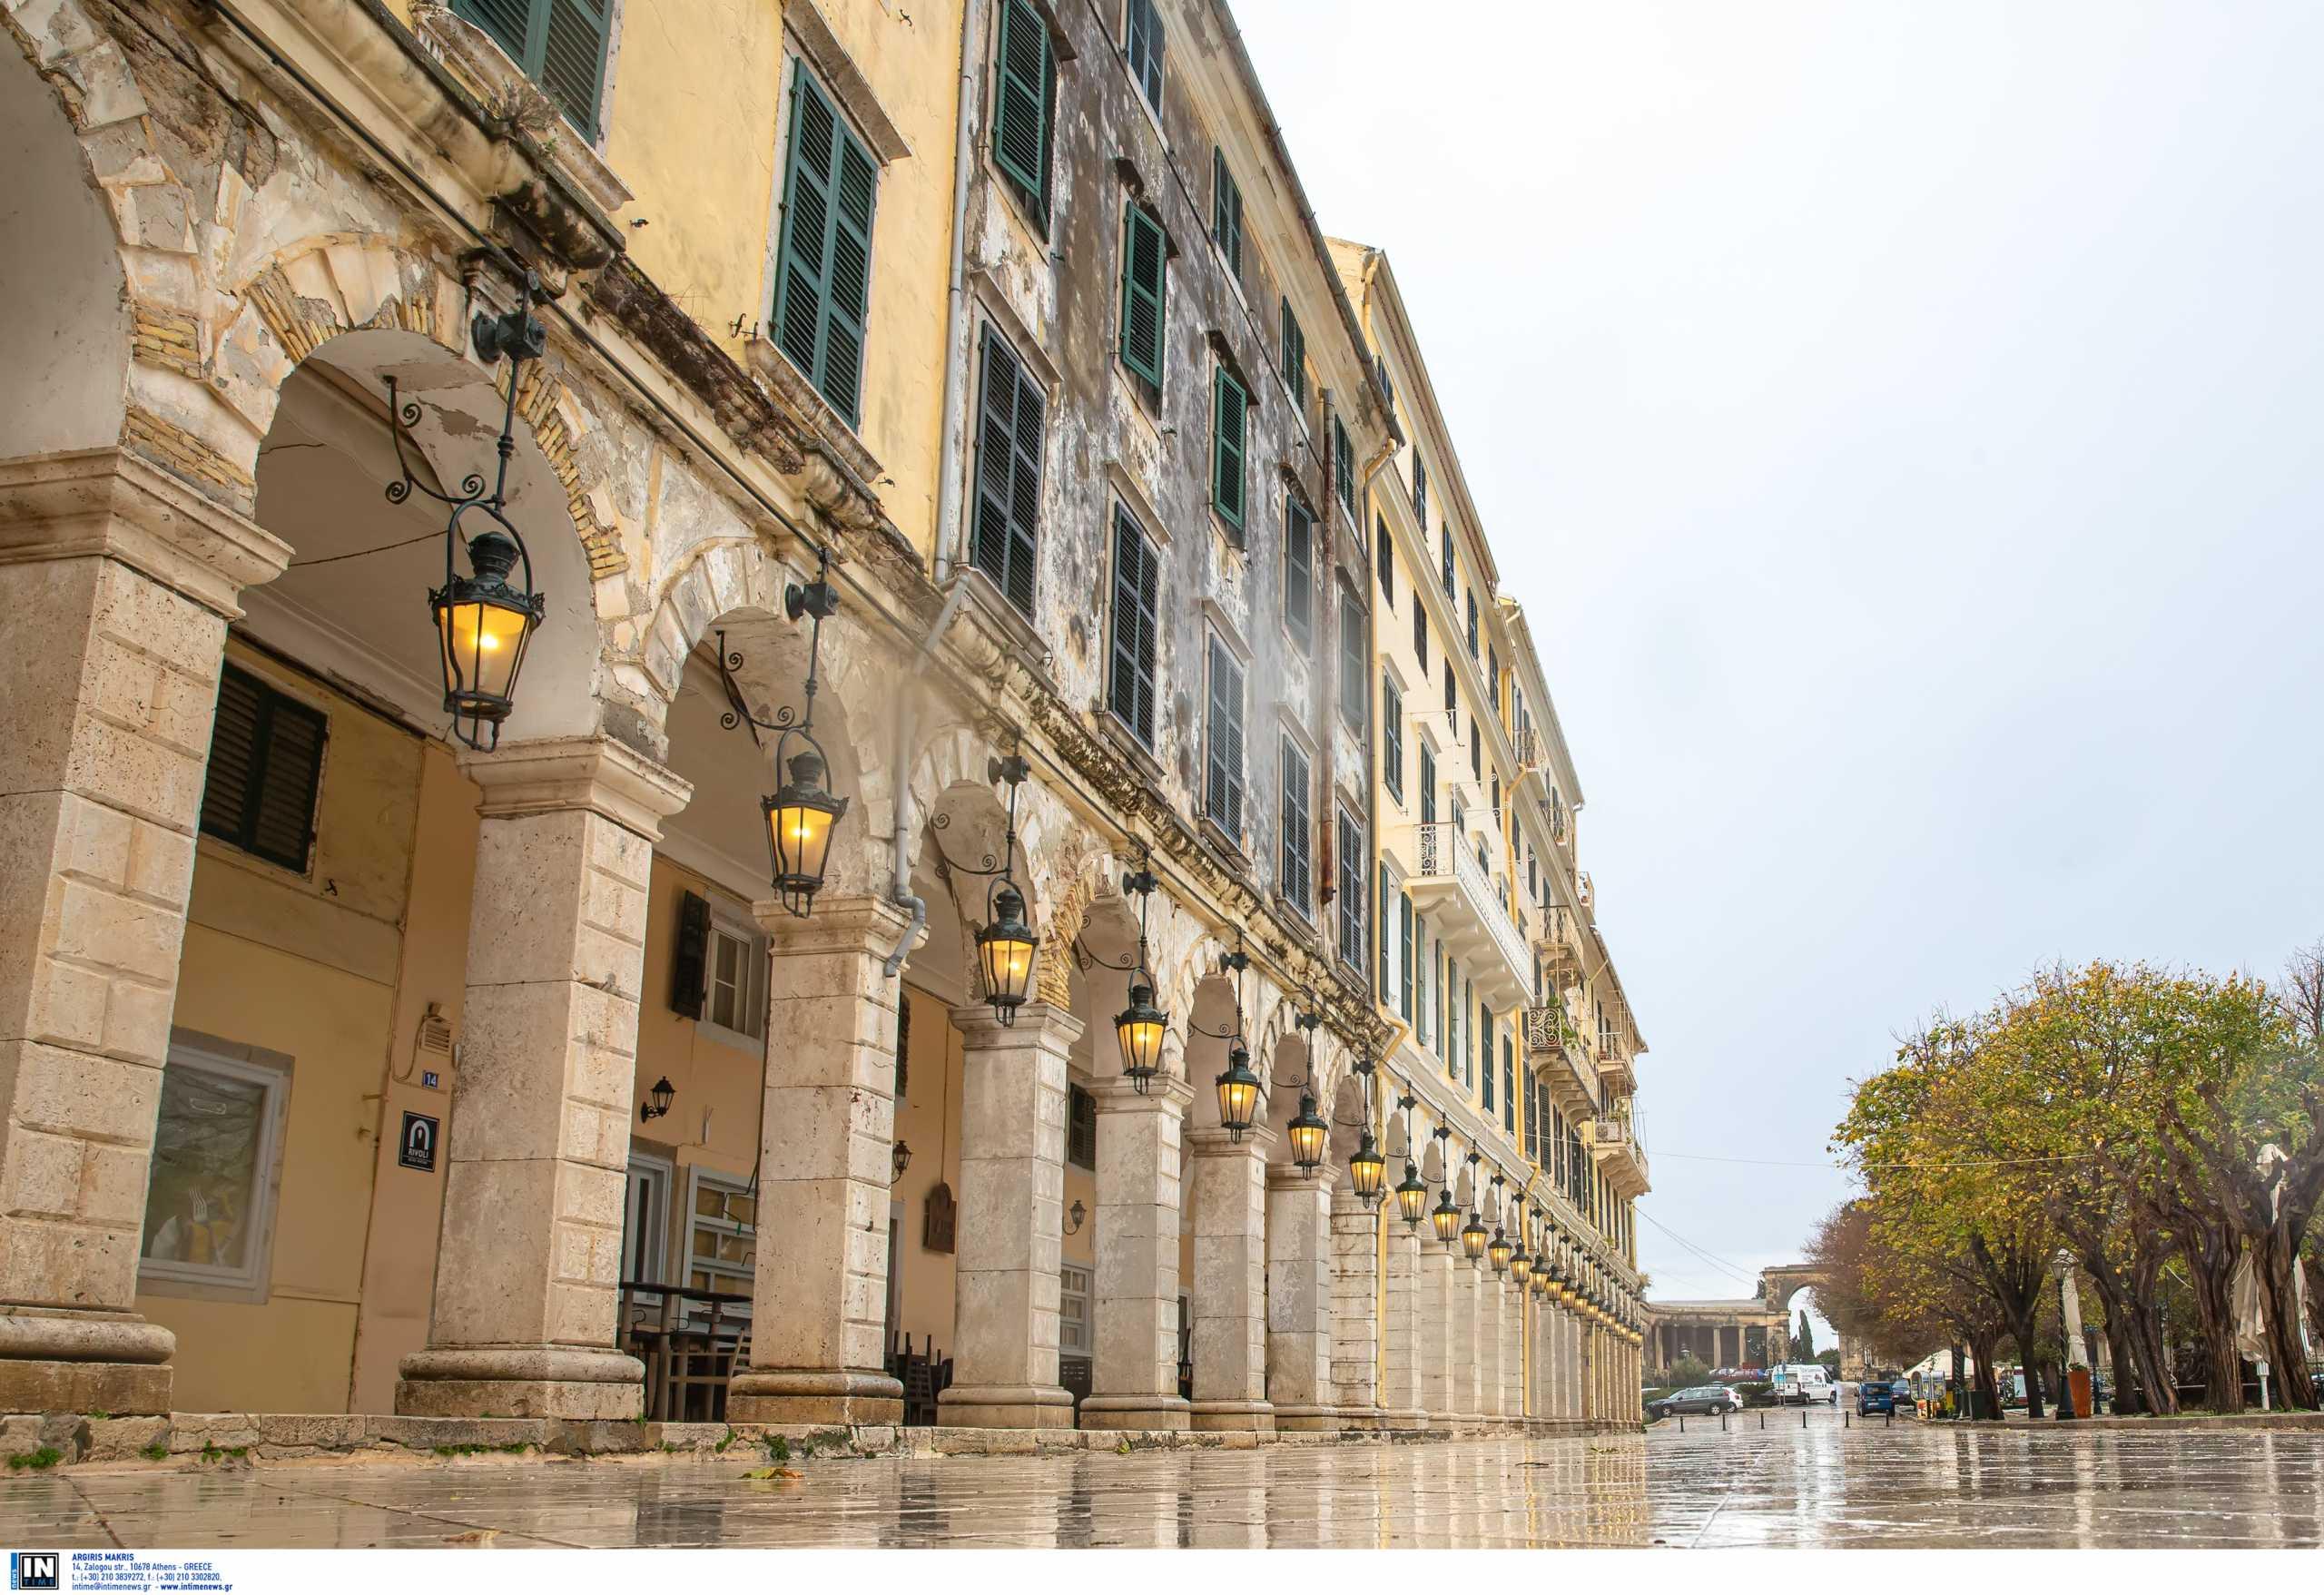 Κέρκυρα: Χαμόγελα για τον τουρισμό – Αυξάνονται οι αφίξεις και γεμίζουν τα ξενοδοχεία